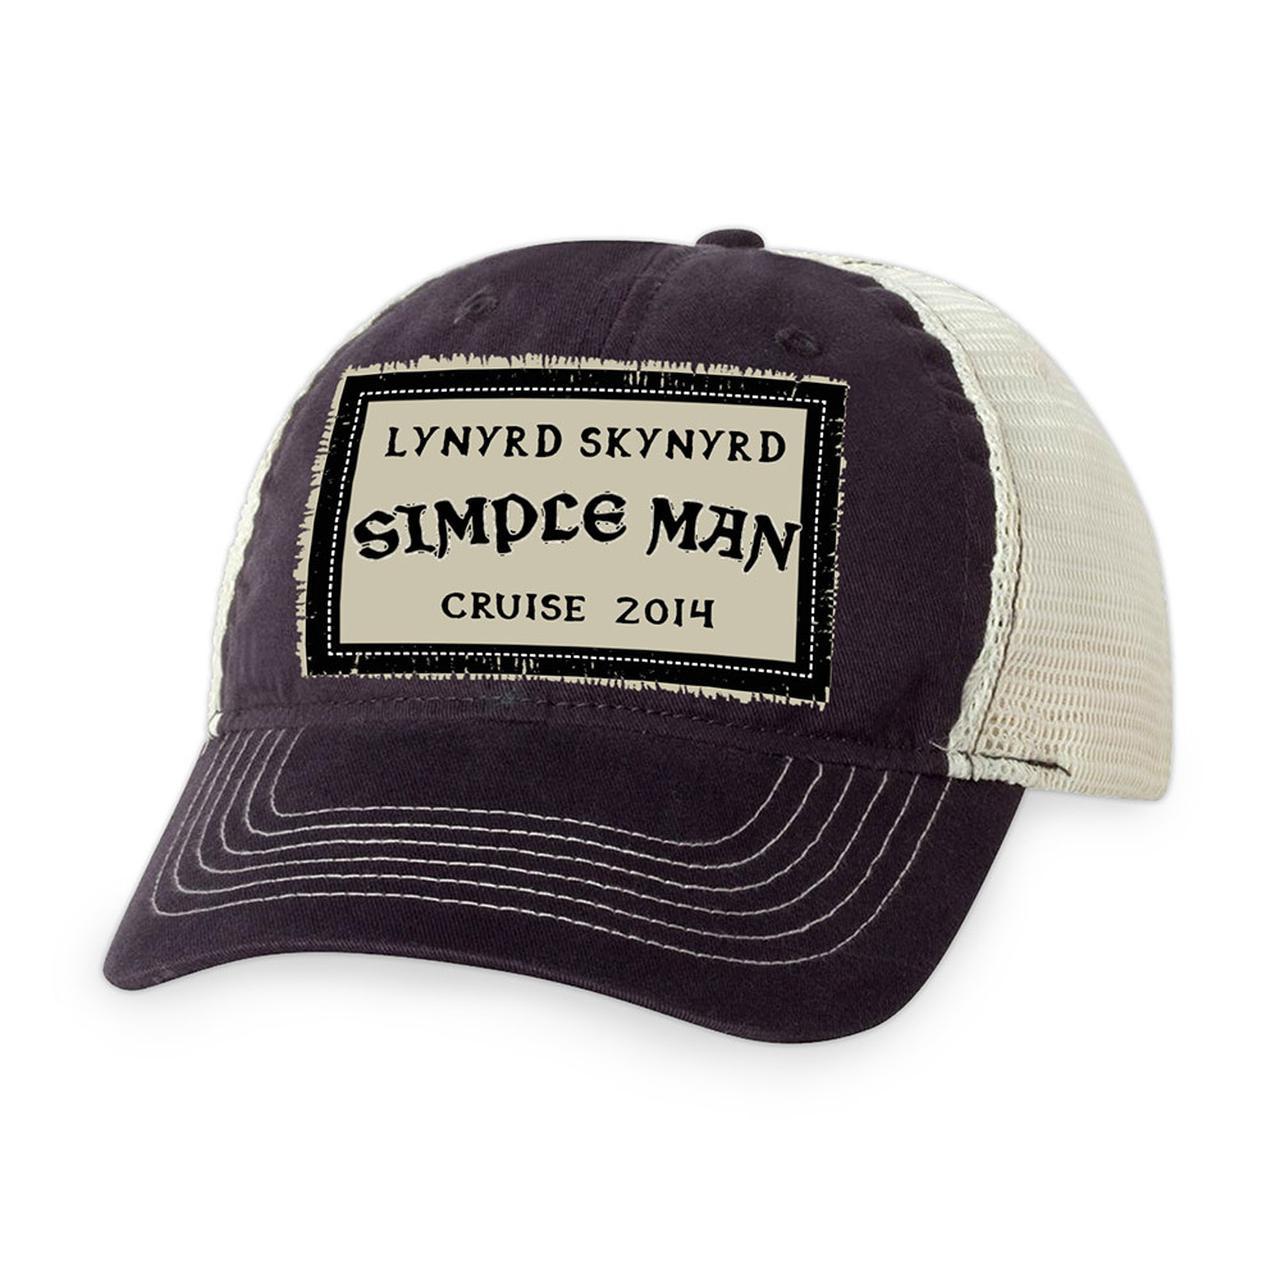 Lynyrd Skynyrd. 2014 Cruise Trucker Hat 34c42fe27e6